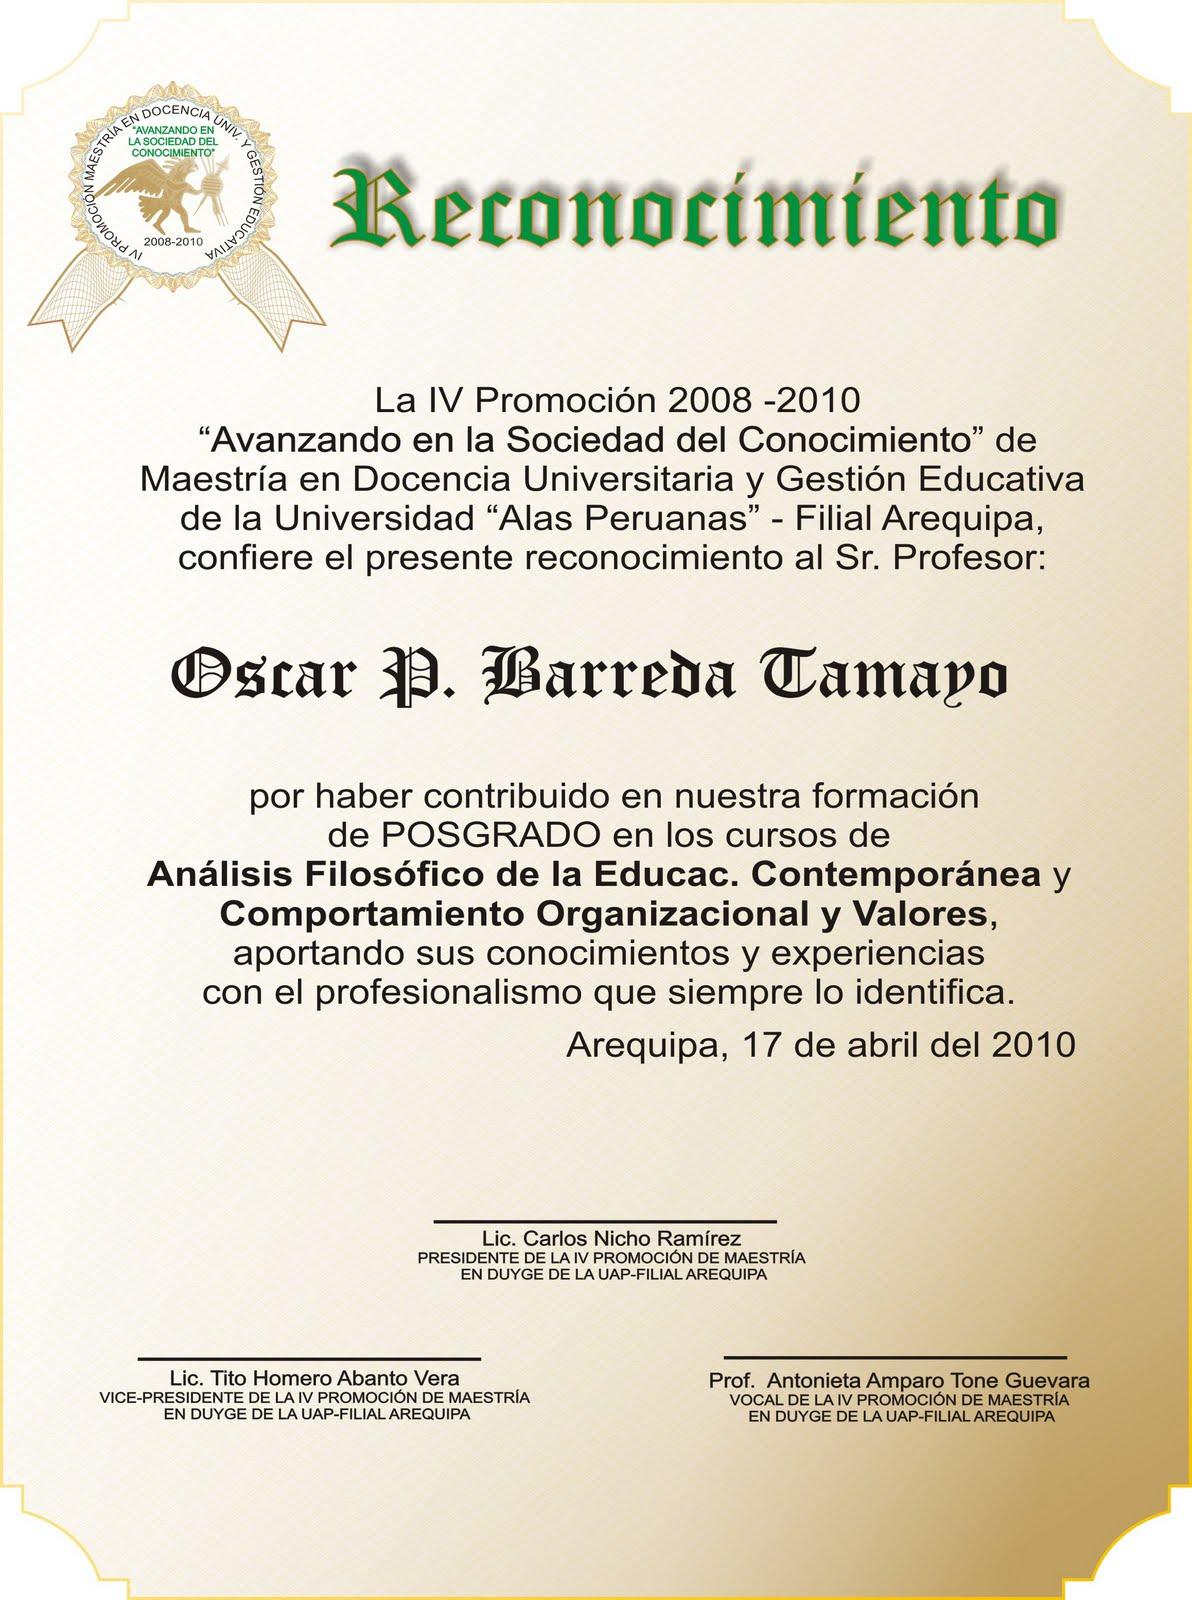 blog de karlitos modelo placa de recordatorios ceremonia de egresado maestria 2008 uap arequipa